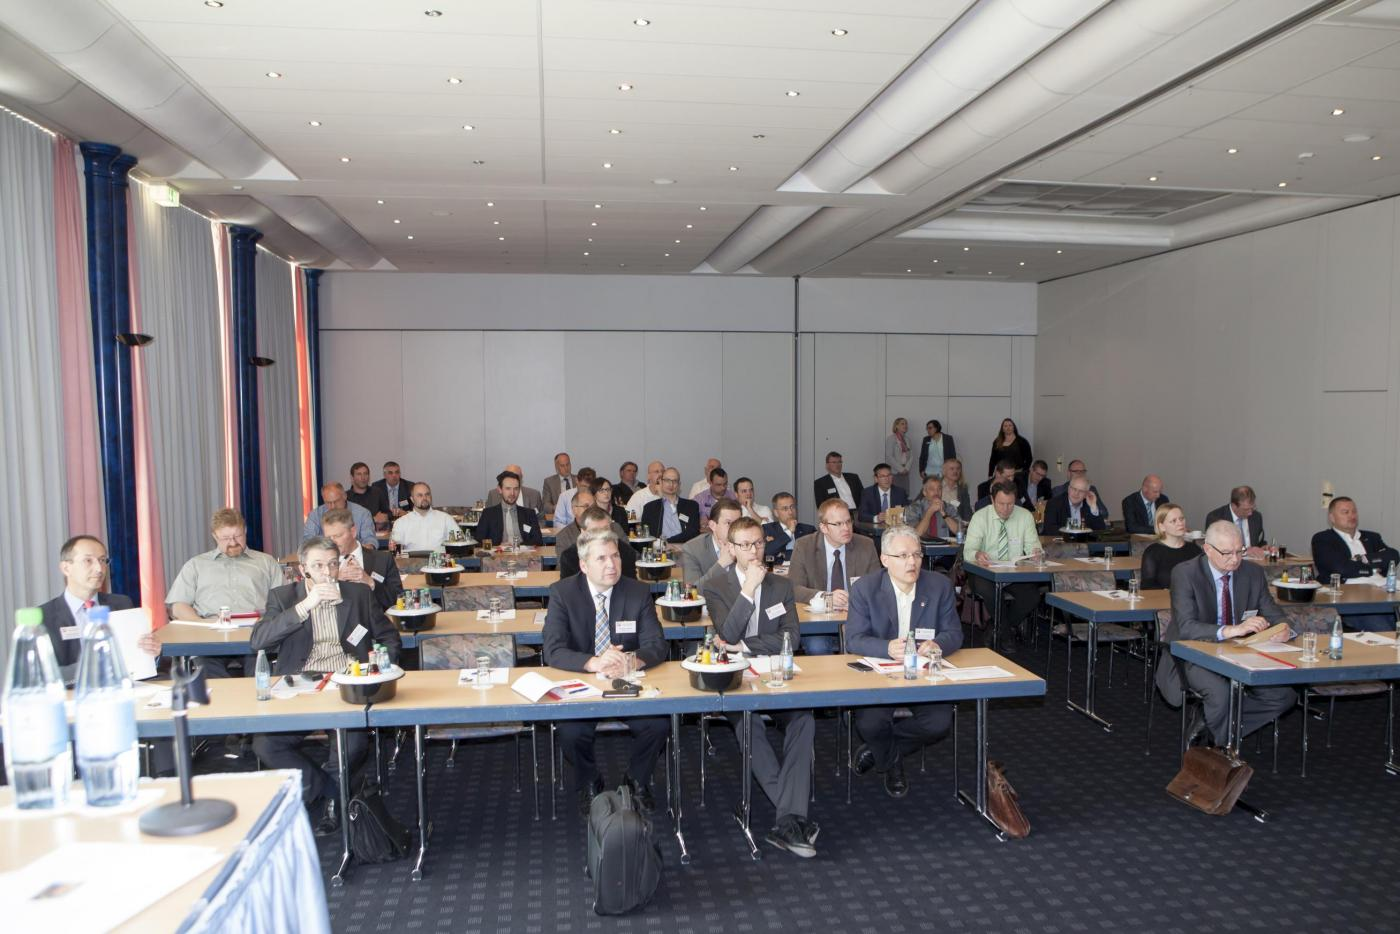 2015-04-23 Mitgliederversammlung Bild 6